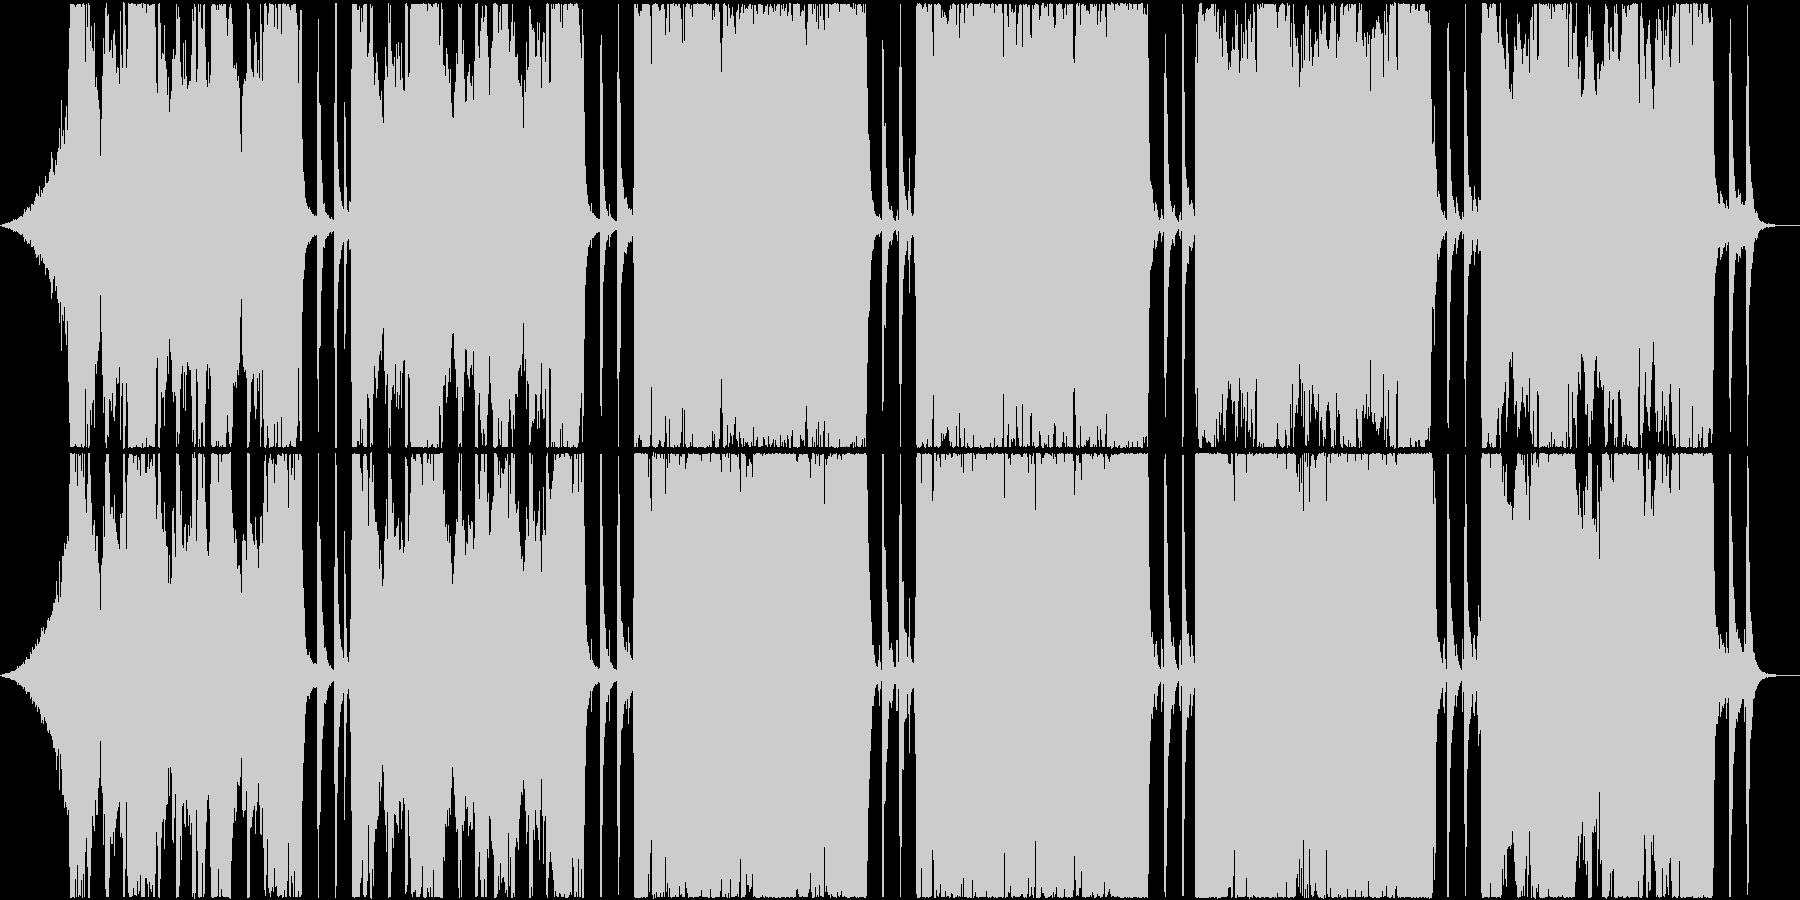 バラエティーで使えるギターサウンドの未再生の波形